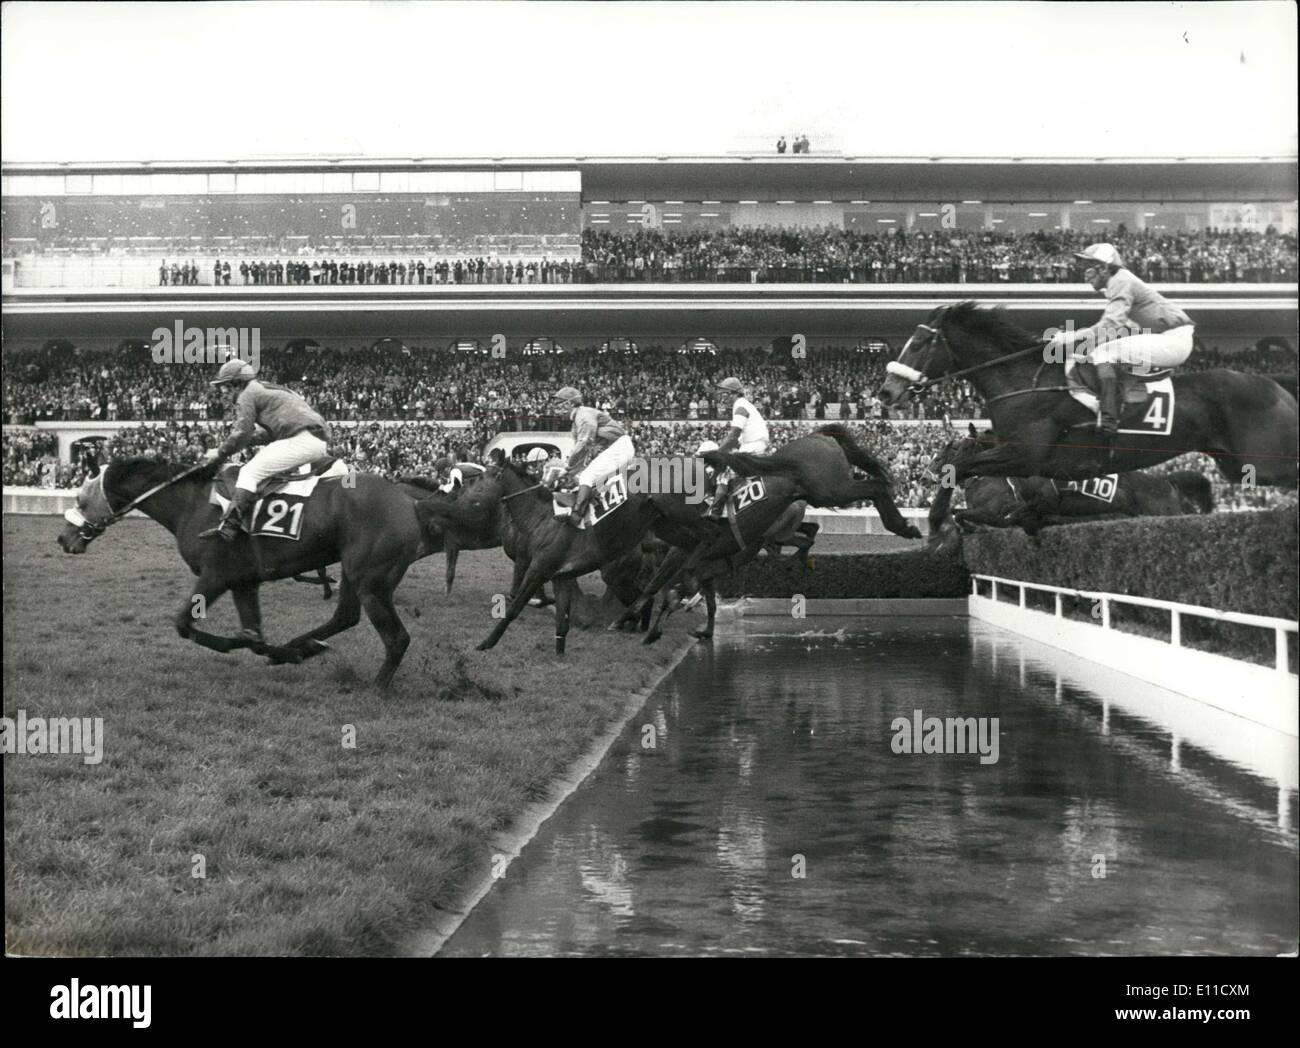 Horse Racing Hippodrome Stock Photos